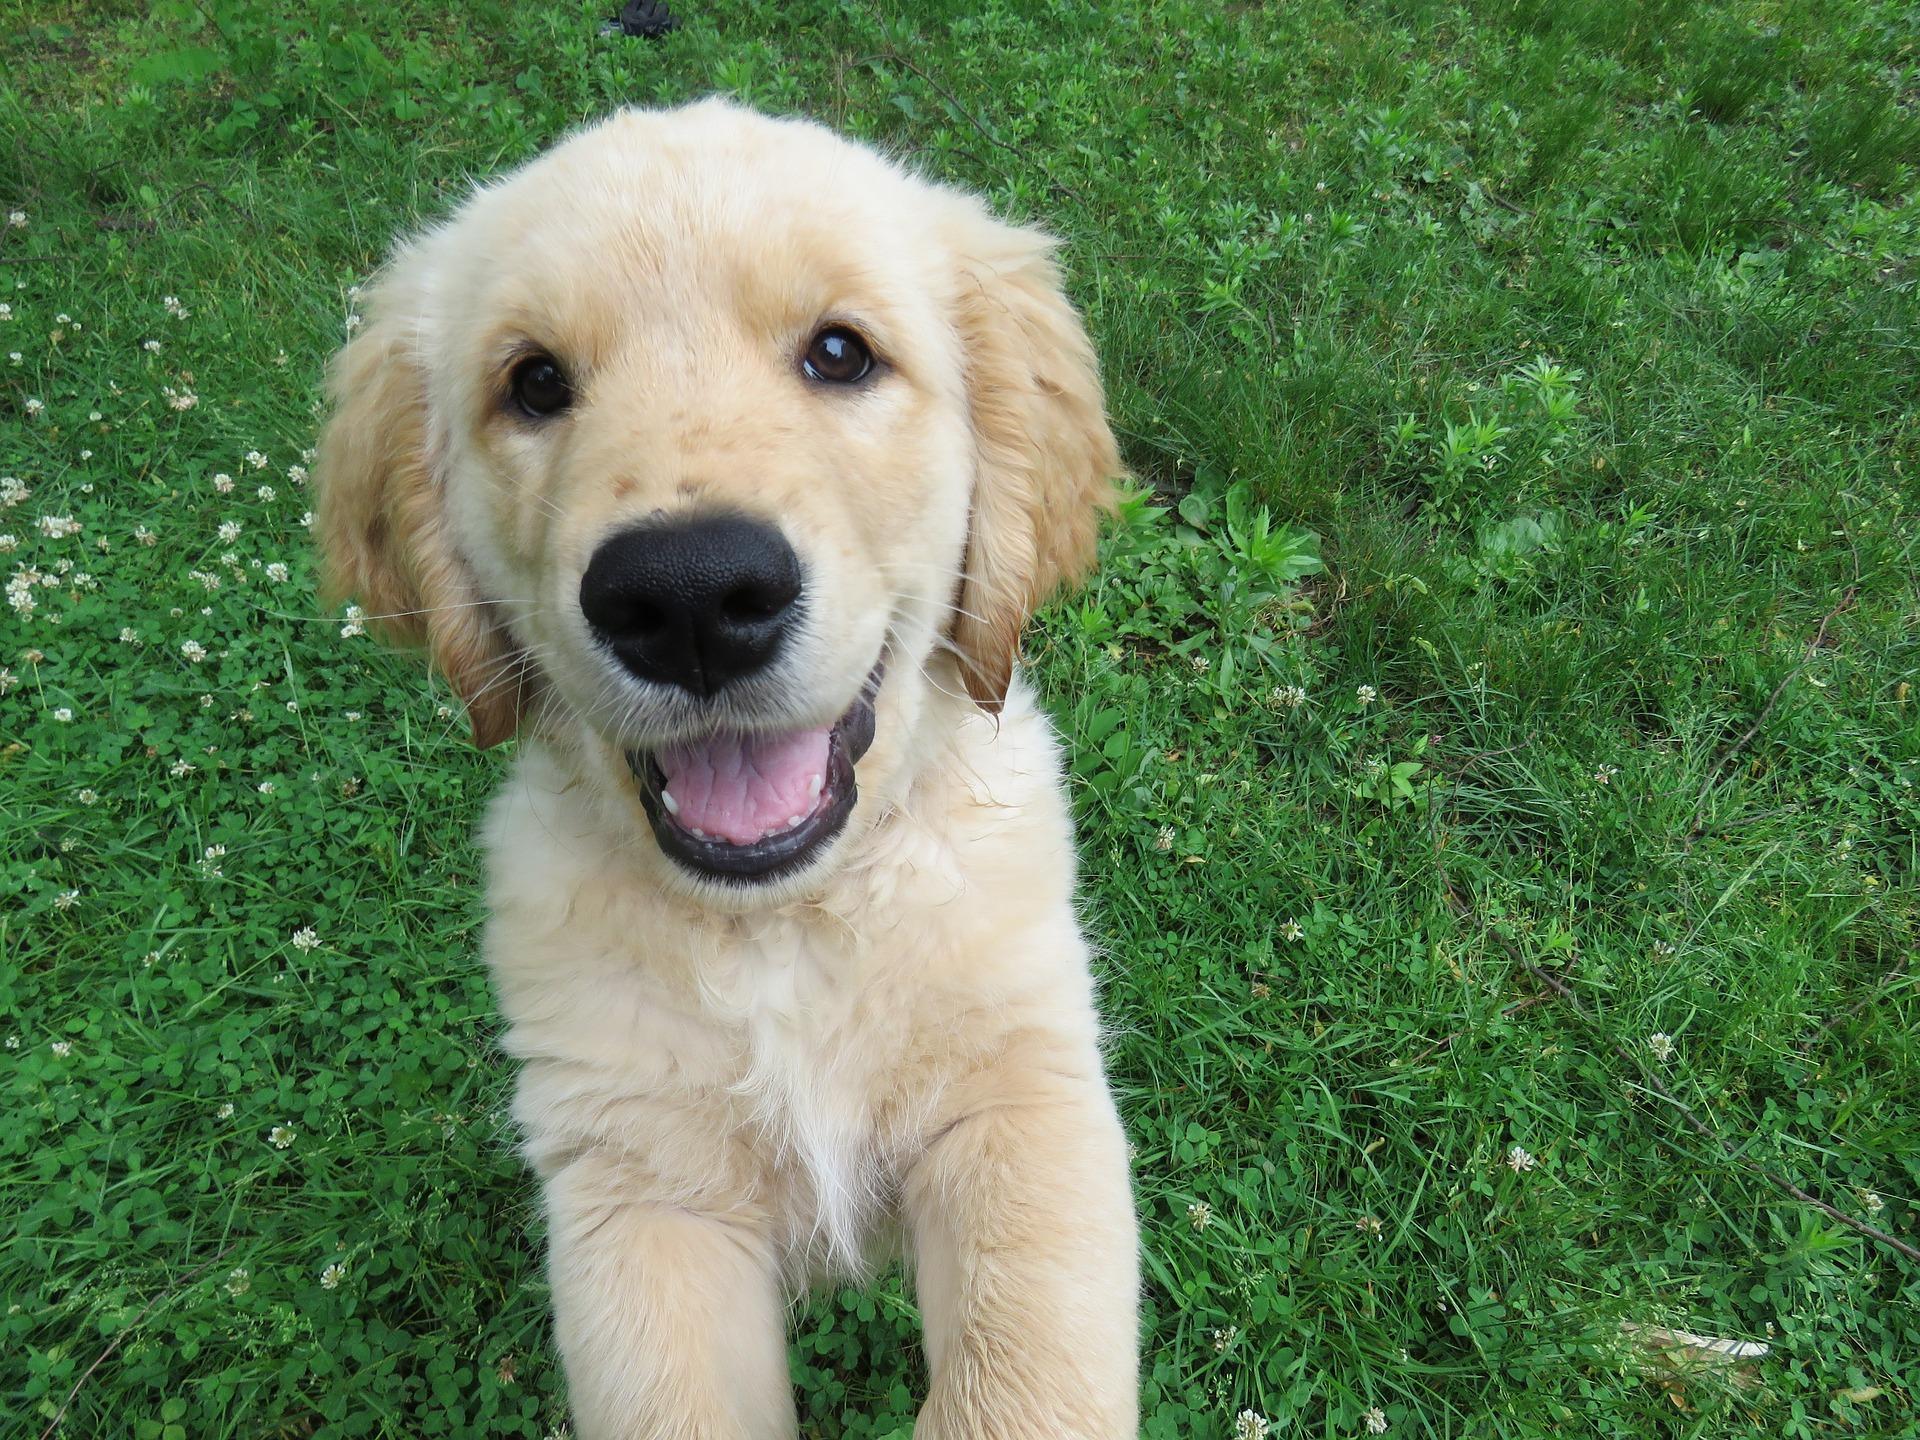 Plac zabaw dla psów to miejsce, w którym pies może spożytkować energię, zaspokoić potrzebę ruchu, rozwijać inteligencję i zdobyć nowe umiejętności.